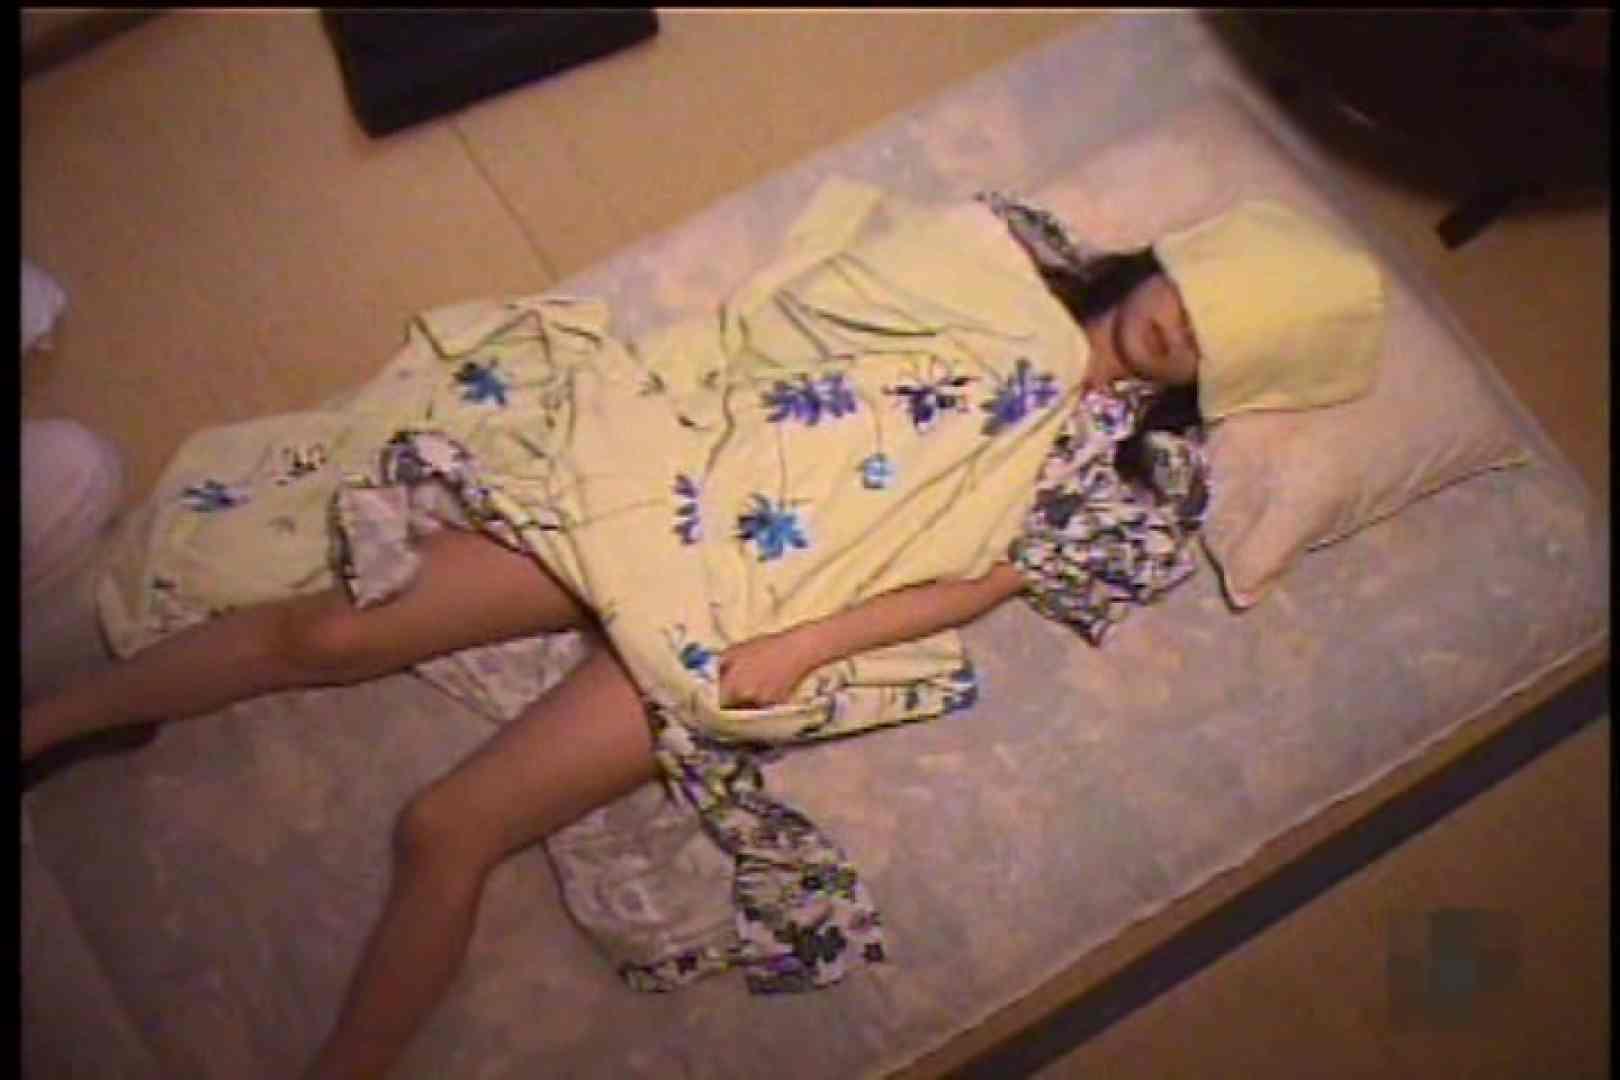 女性専用会員制風俗の実態!!Vol.6 OLセックス 盗撮オマンコ無修正動画無料 98画像 30